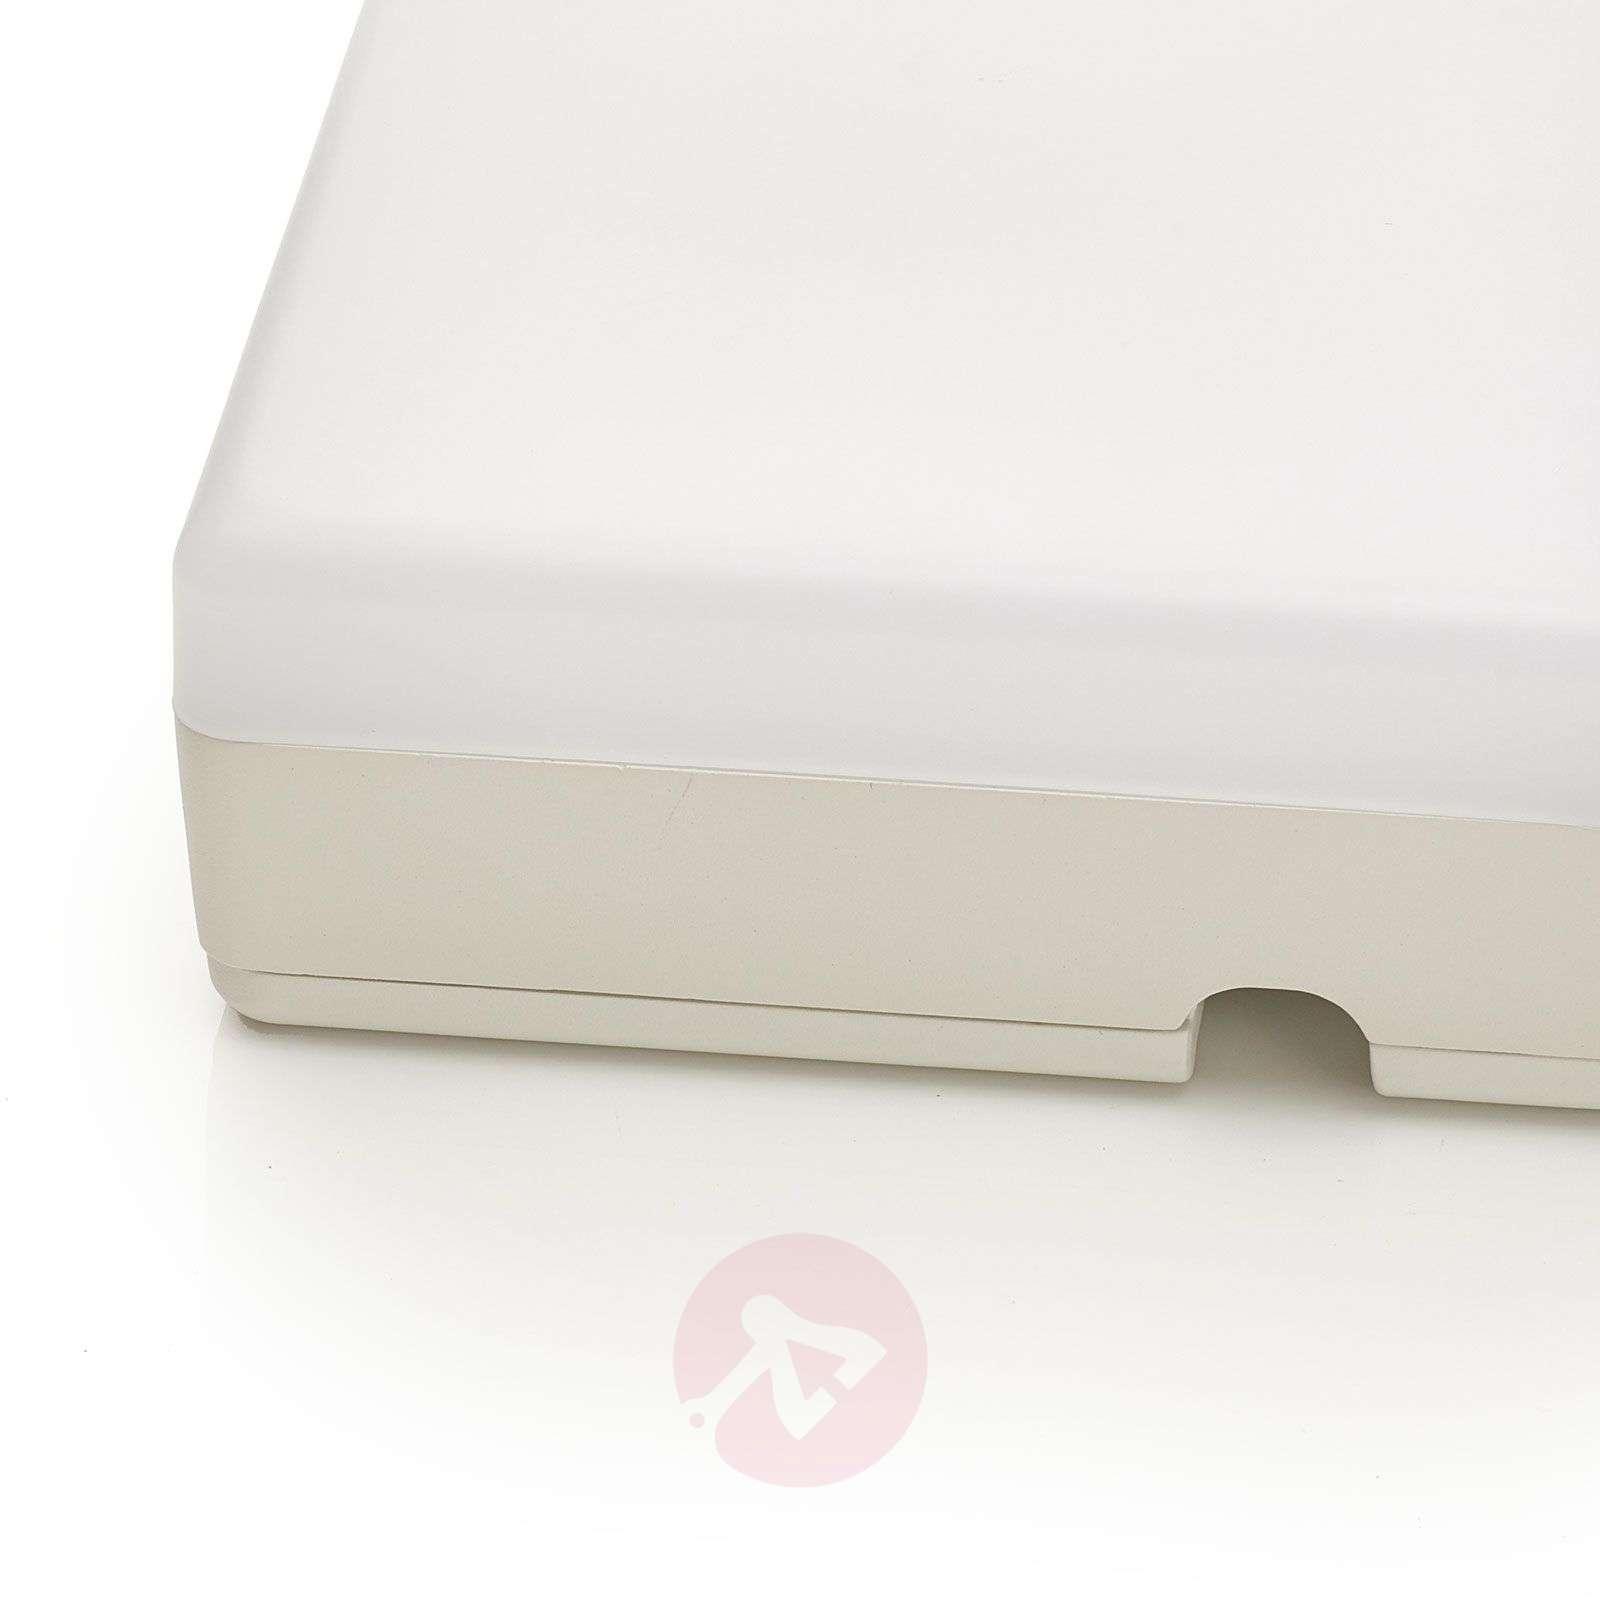 Thilo LED ceiling lamp IP54 white 16 cm, HF sensor-9969145-02